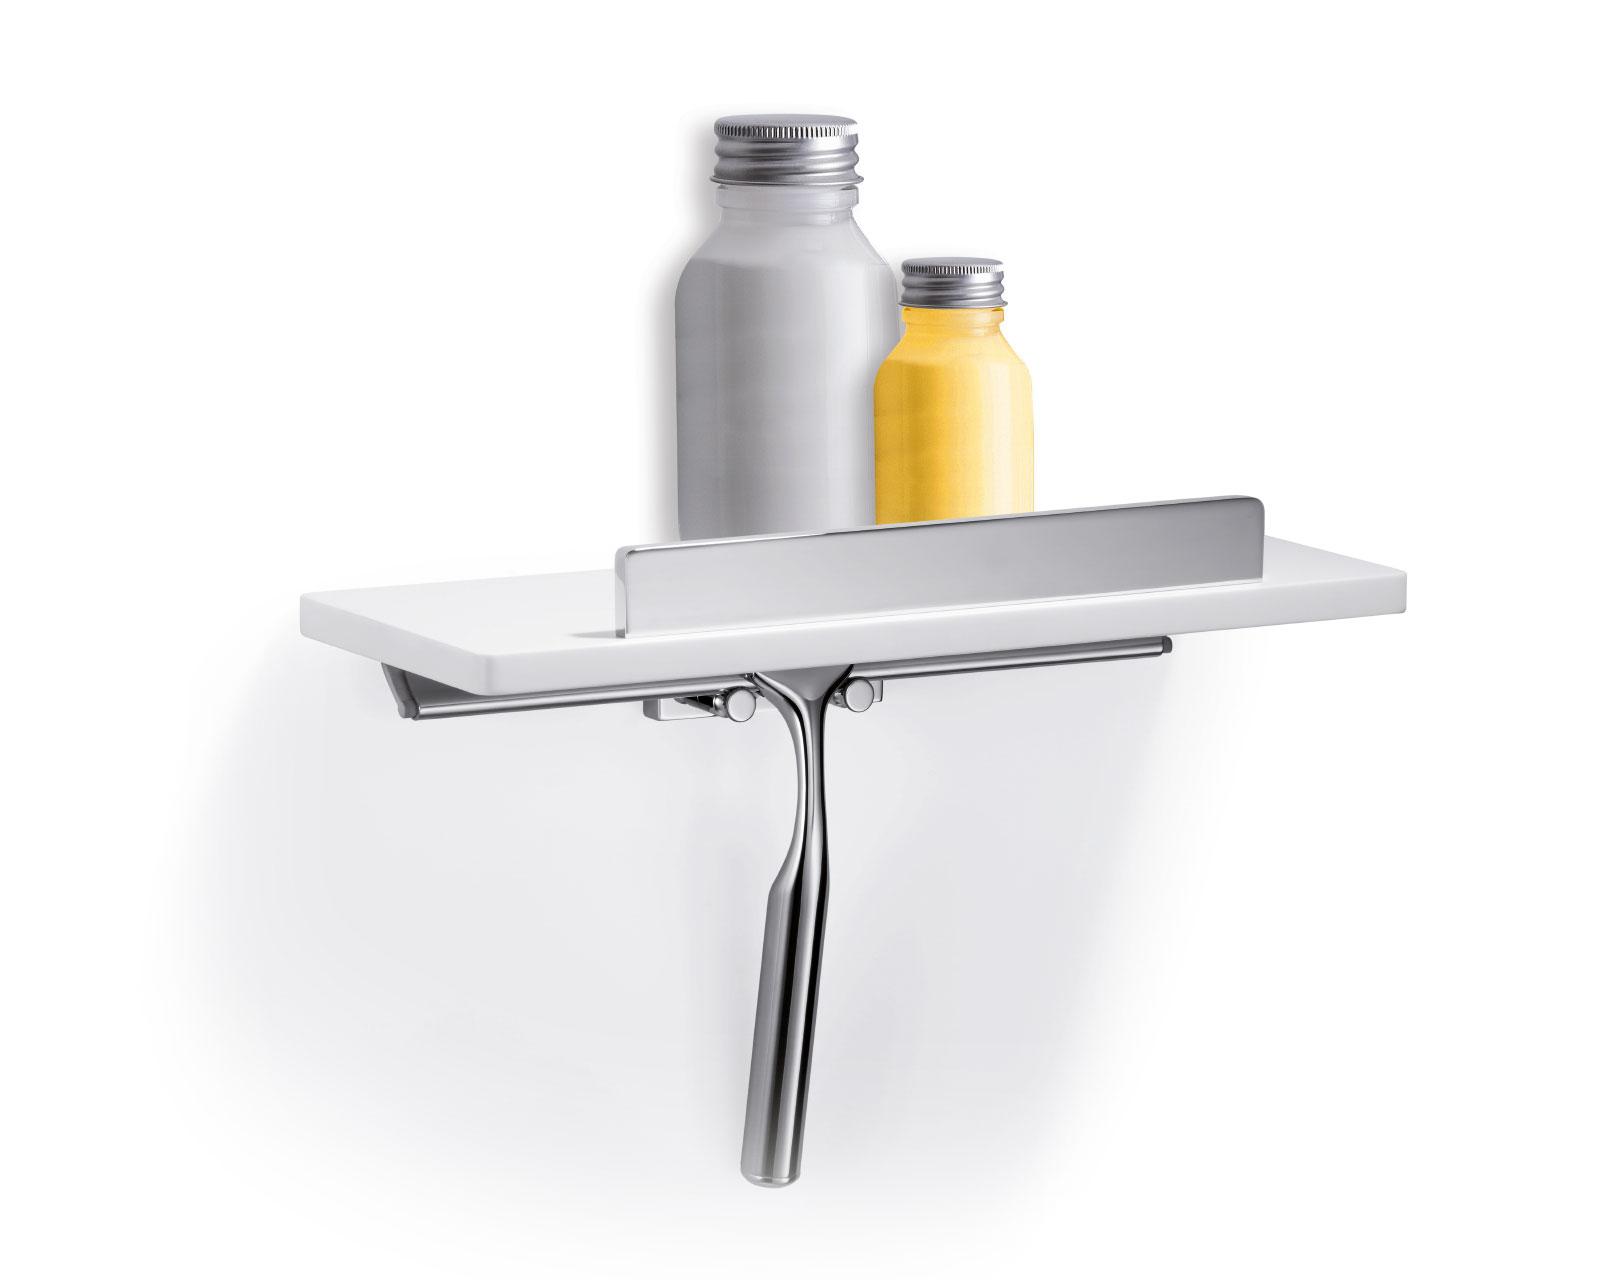 Produktdesign - 50819 Noka Dusch - Konsole